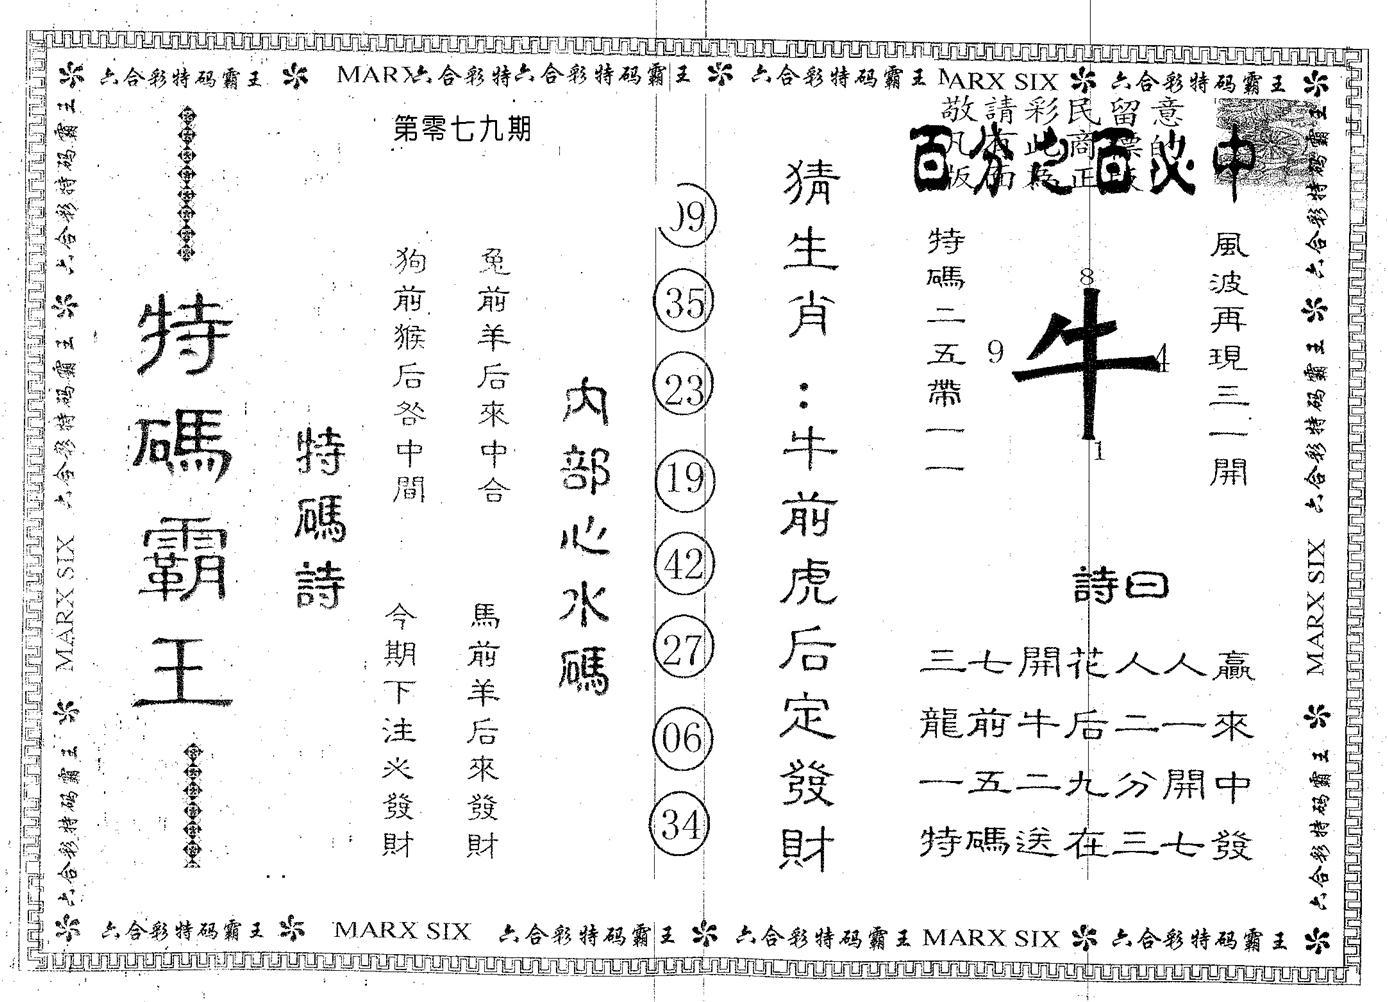 079期特码霸王A(黑白)